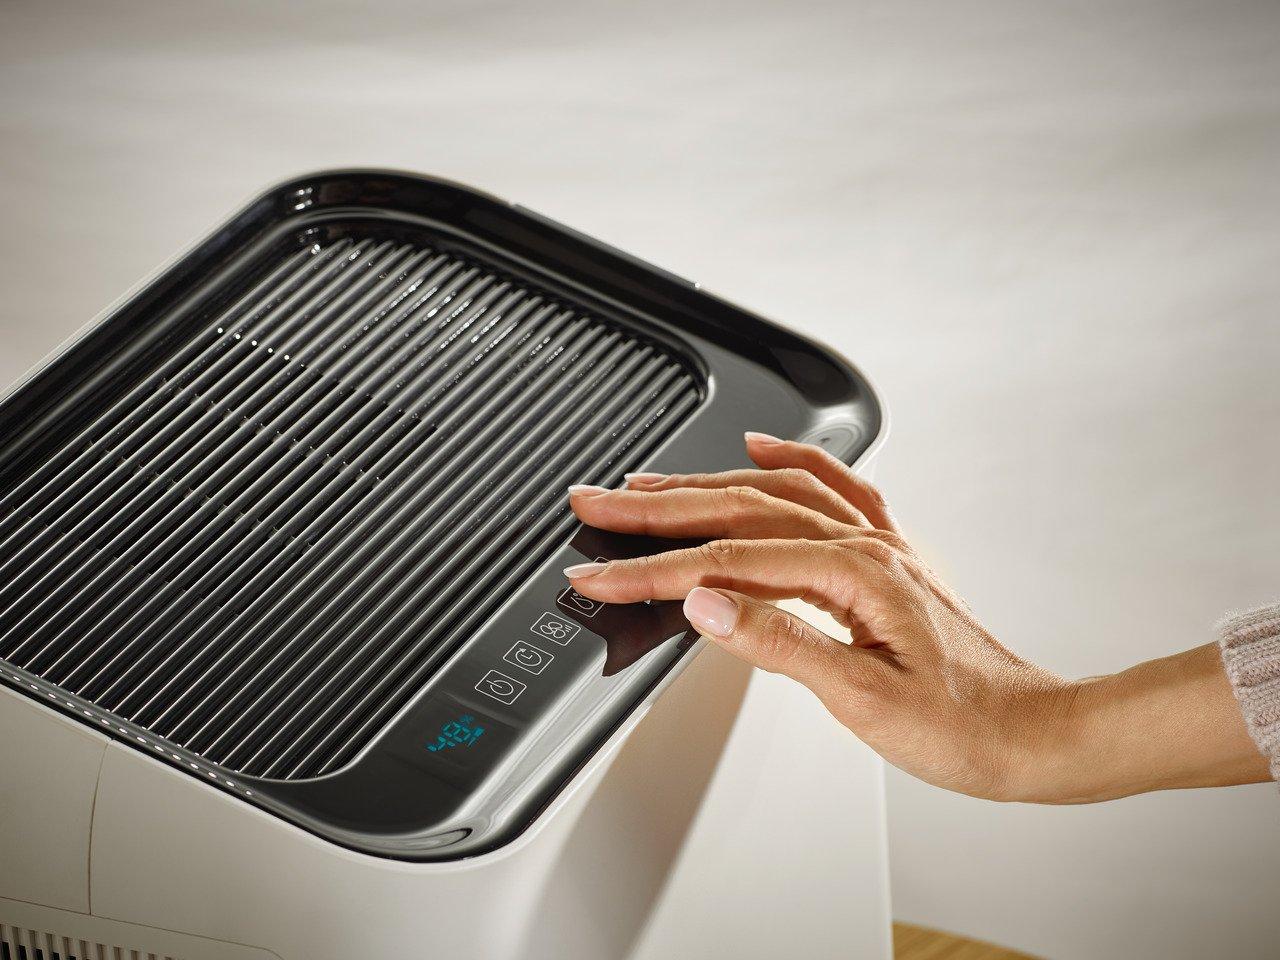 Soehnle AirFresh Wash 500 Purificador de Aire 3 en 1 Filtro en Tres Capas Pantalla LCD humidifica y Limpia Color Blanco